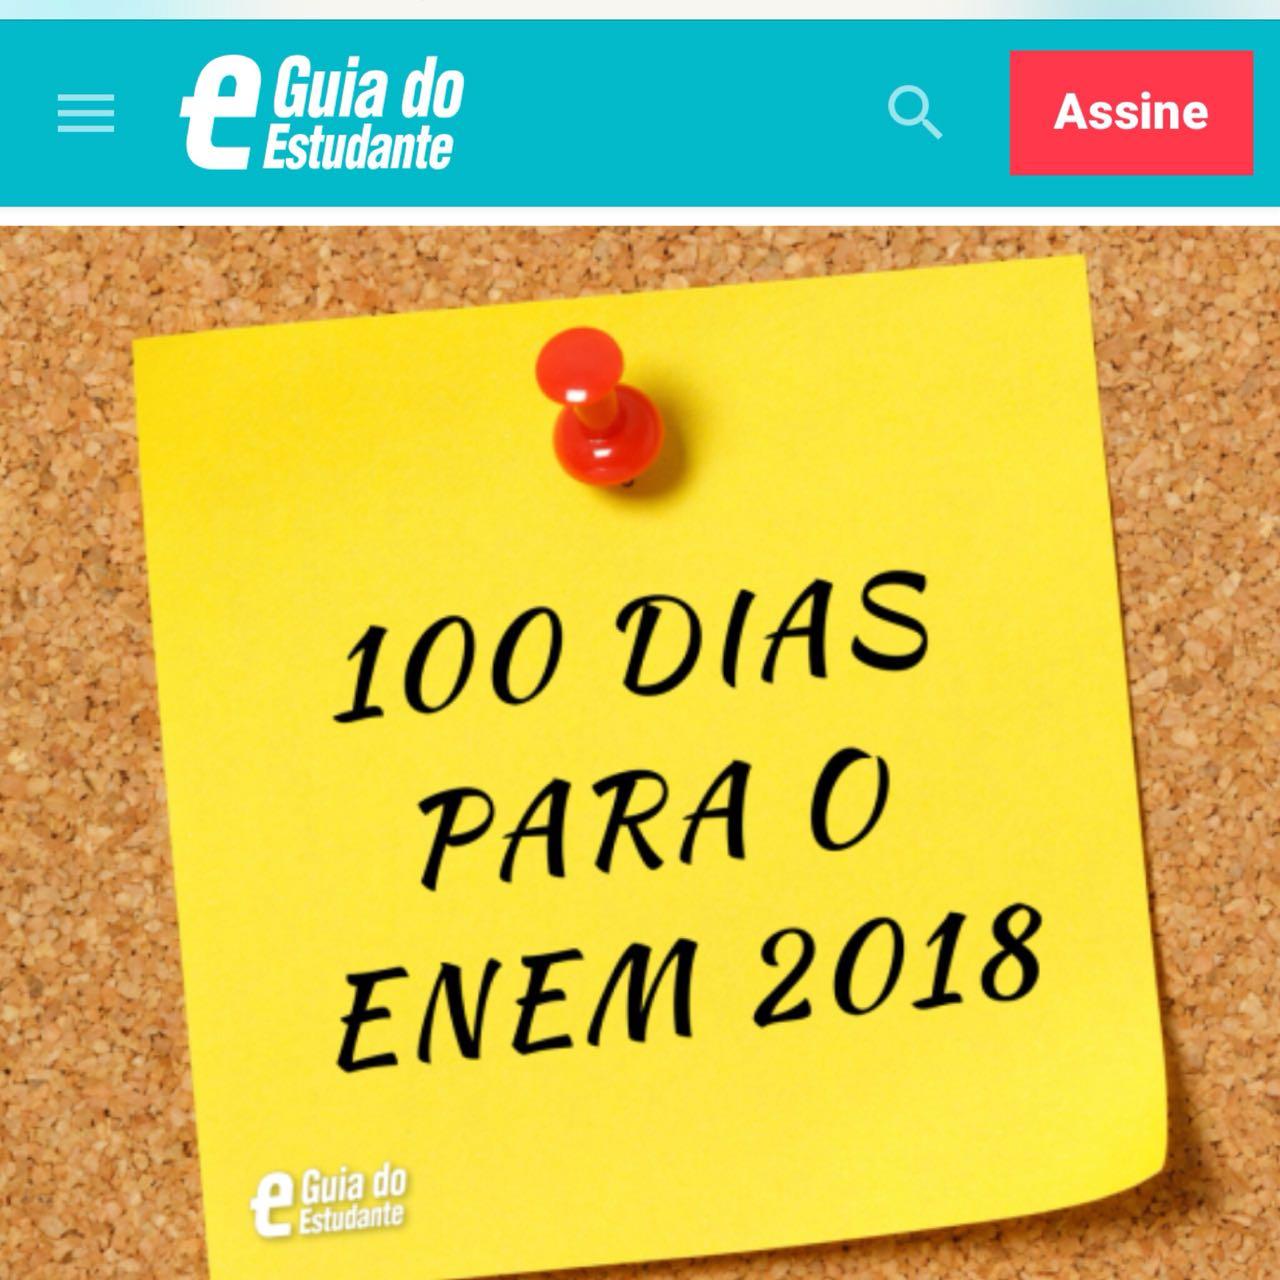 Guia do Estudante – Como estudar faltando 100 dias para o ENEM